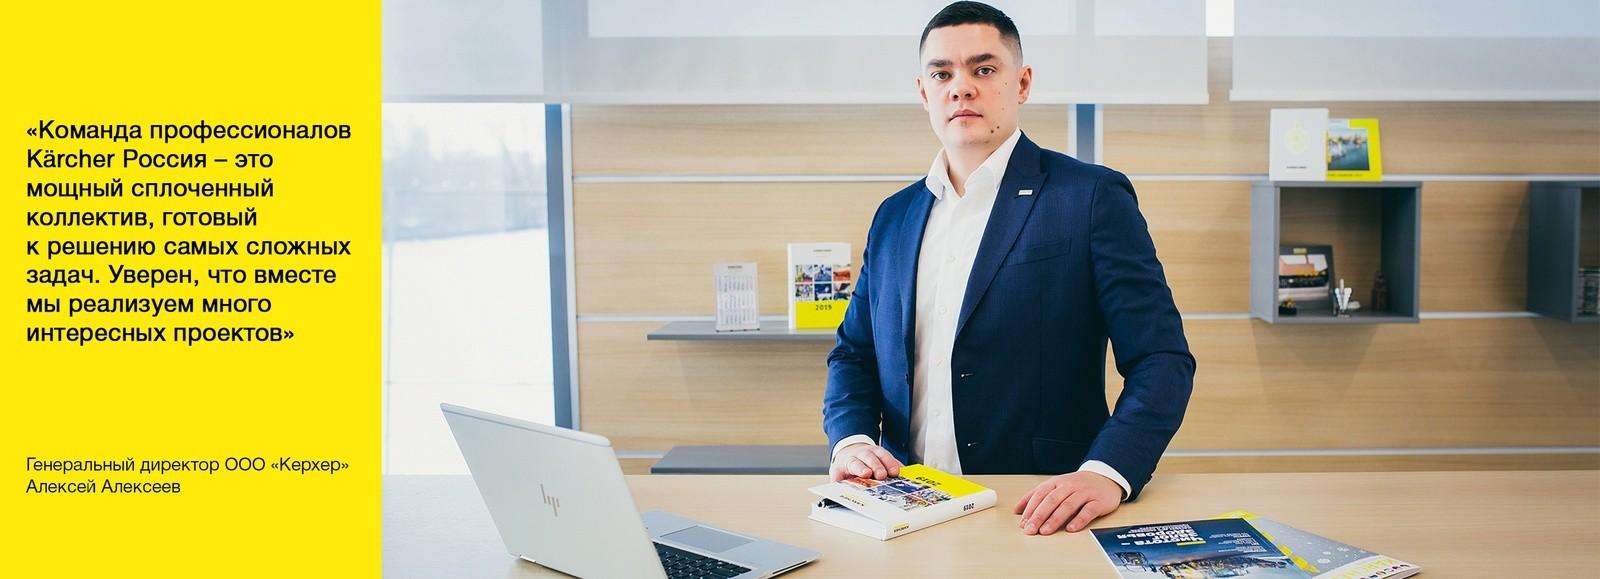 Генеральным директором ООО «Керхер» назначен Алексей Алексеев